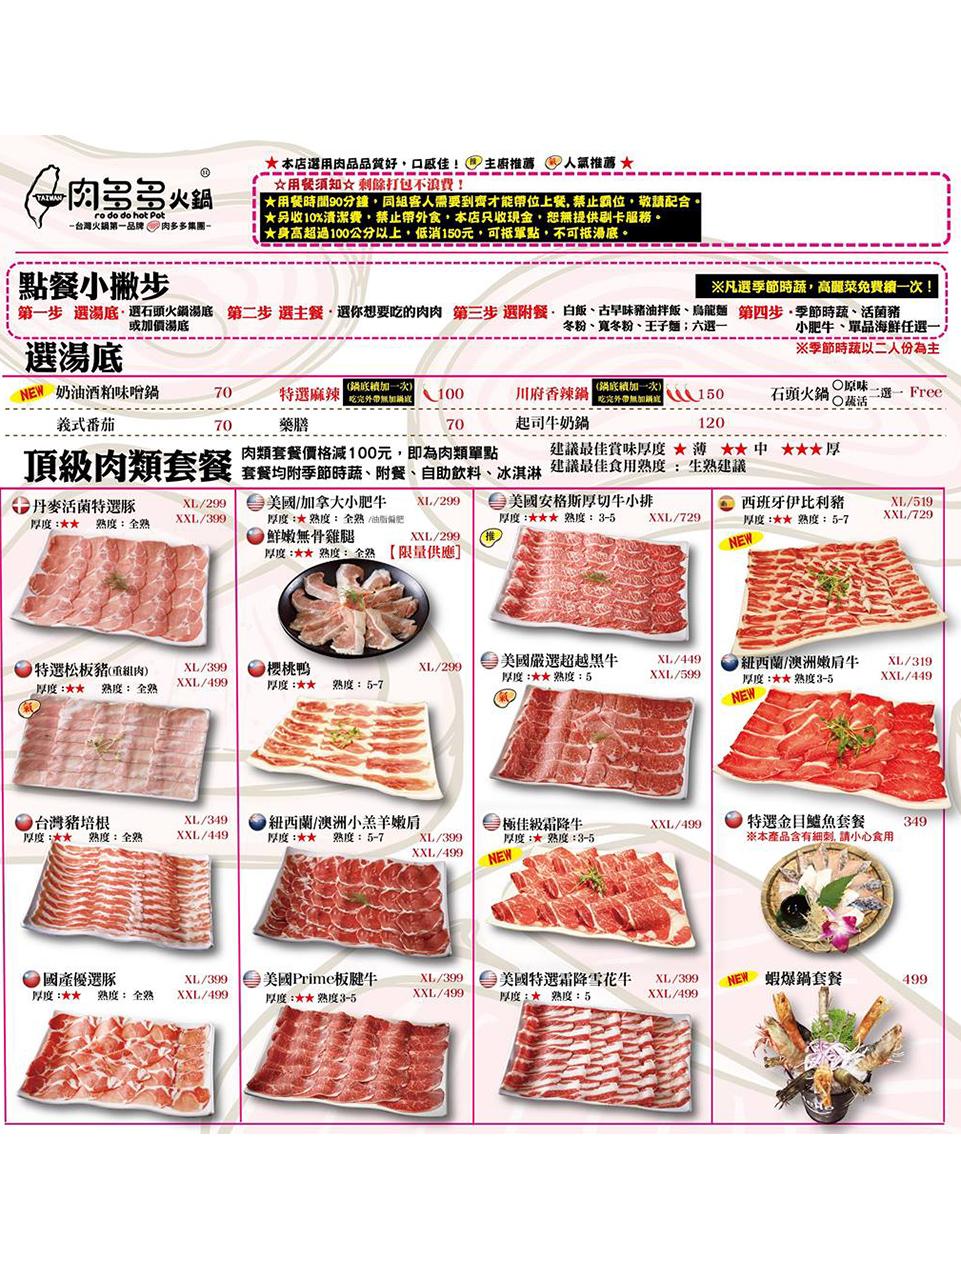 肉多多 菜單1